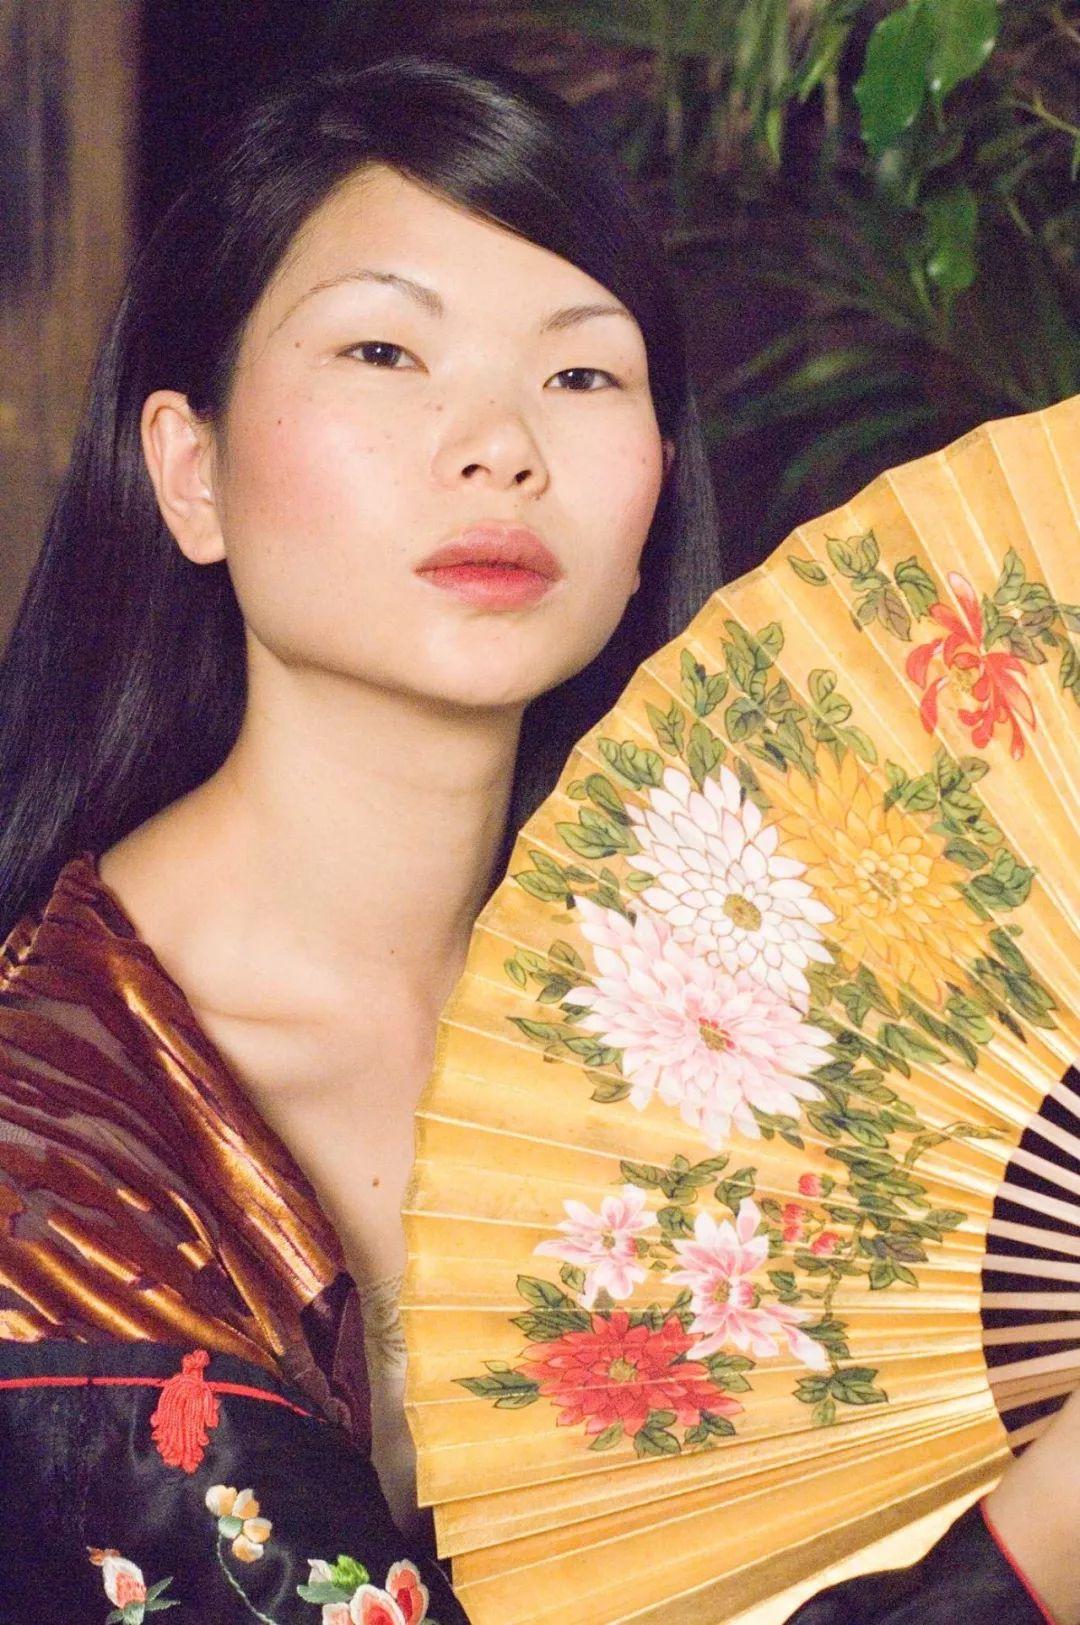 海外发展的女星很多,为何章子怡最受欢迎,她的眼睛形状是关键